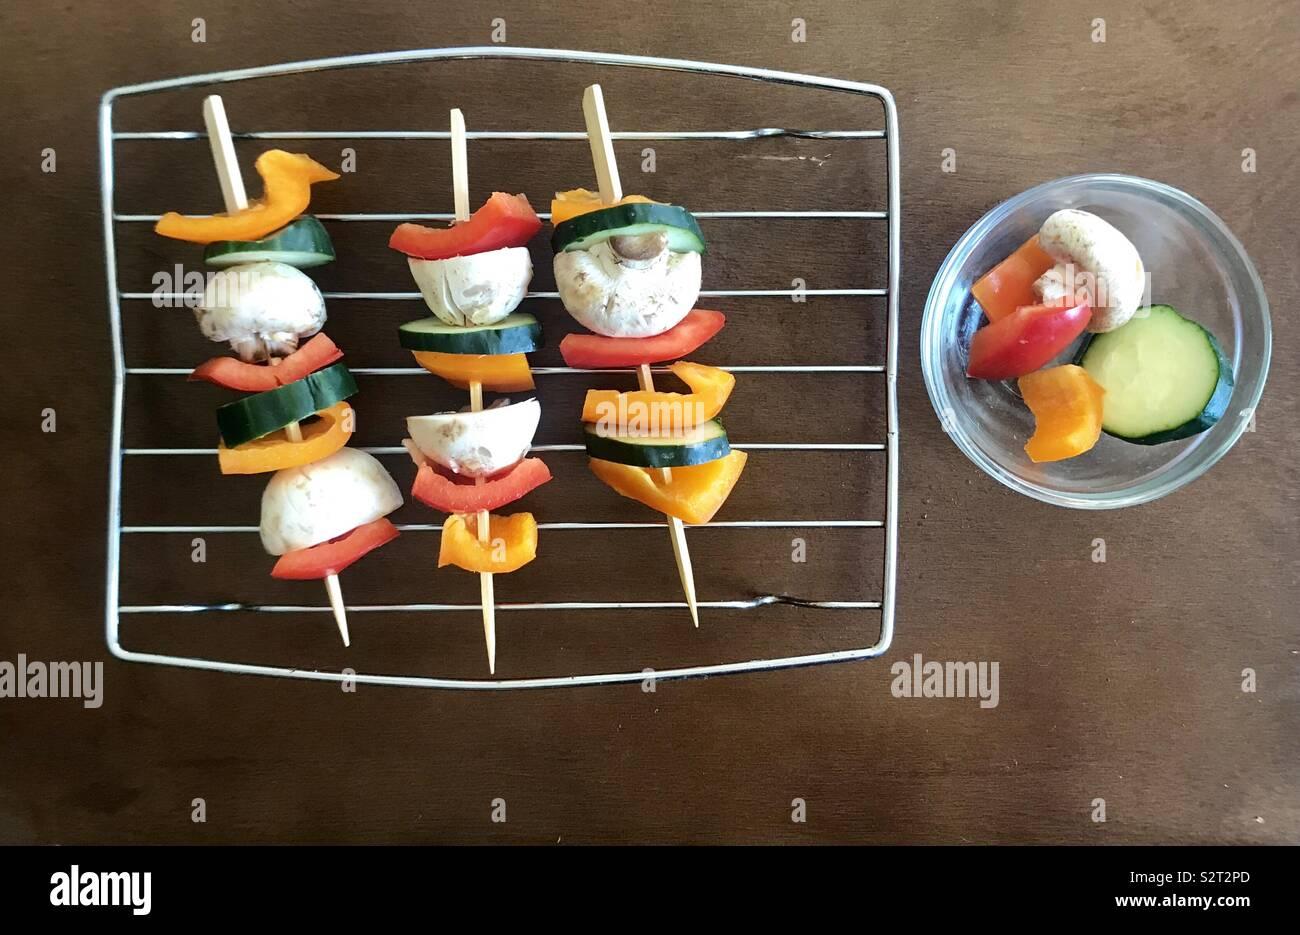 Un rack de métal avec des brochettes de légumes préparés et un bol en verre avec des morceaux de légumes de concombres, champignons, poivrons et Photo Stock